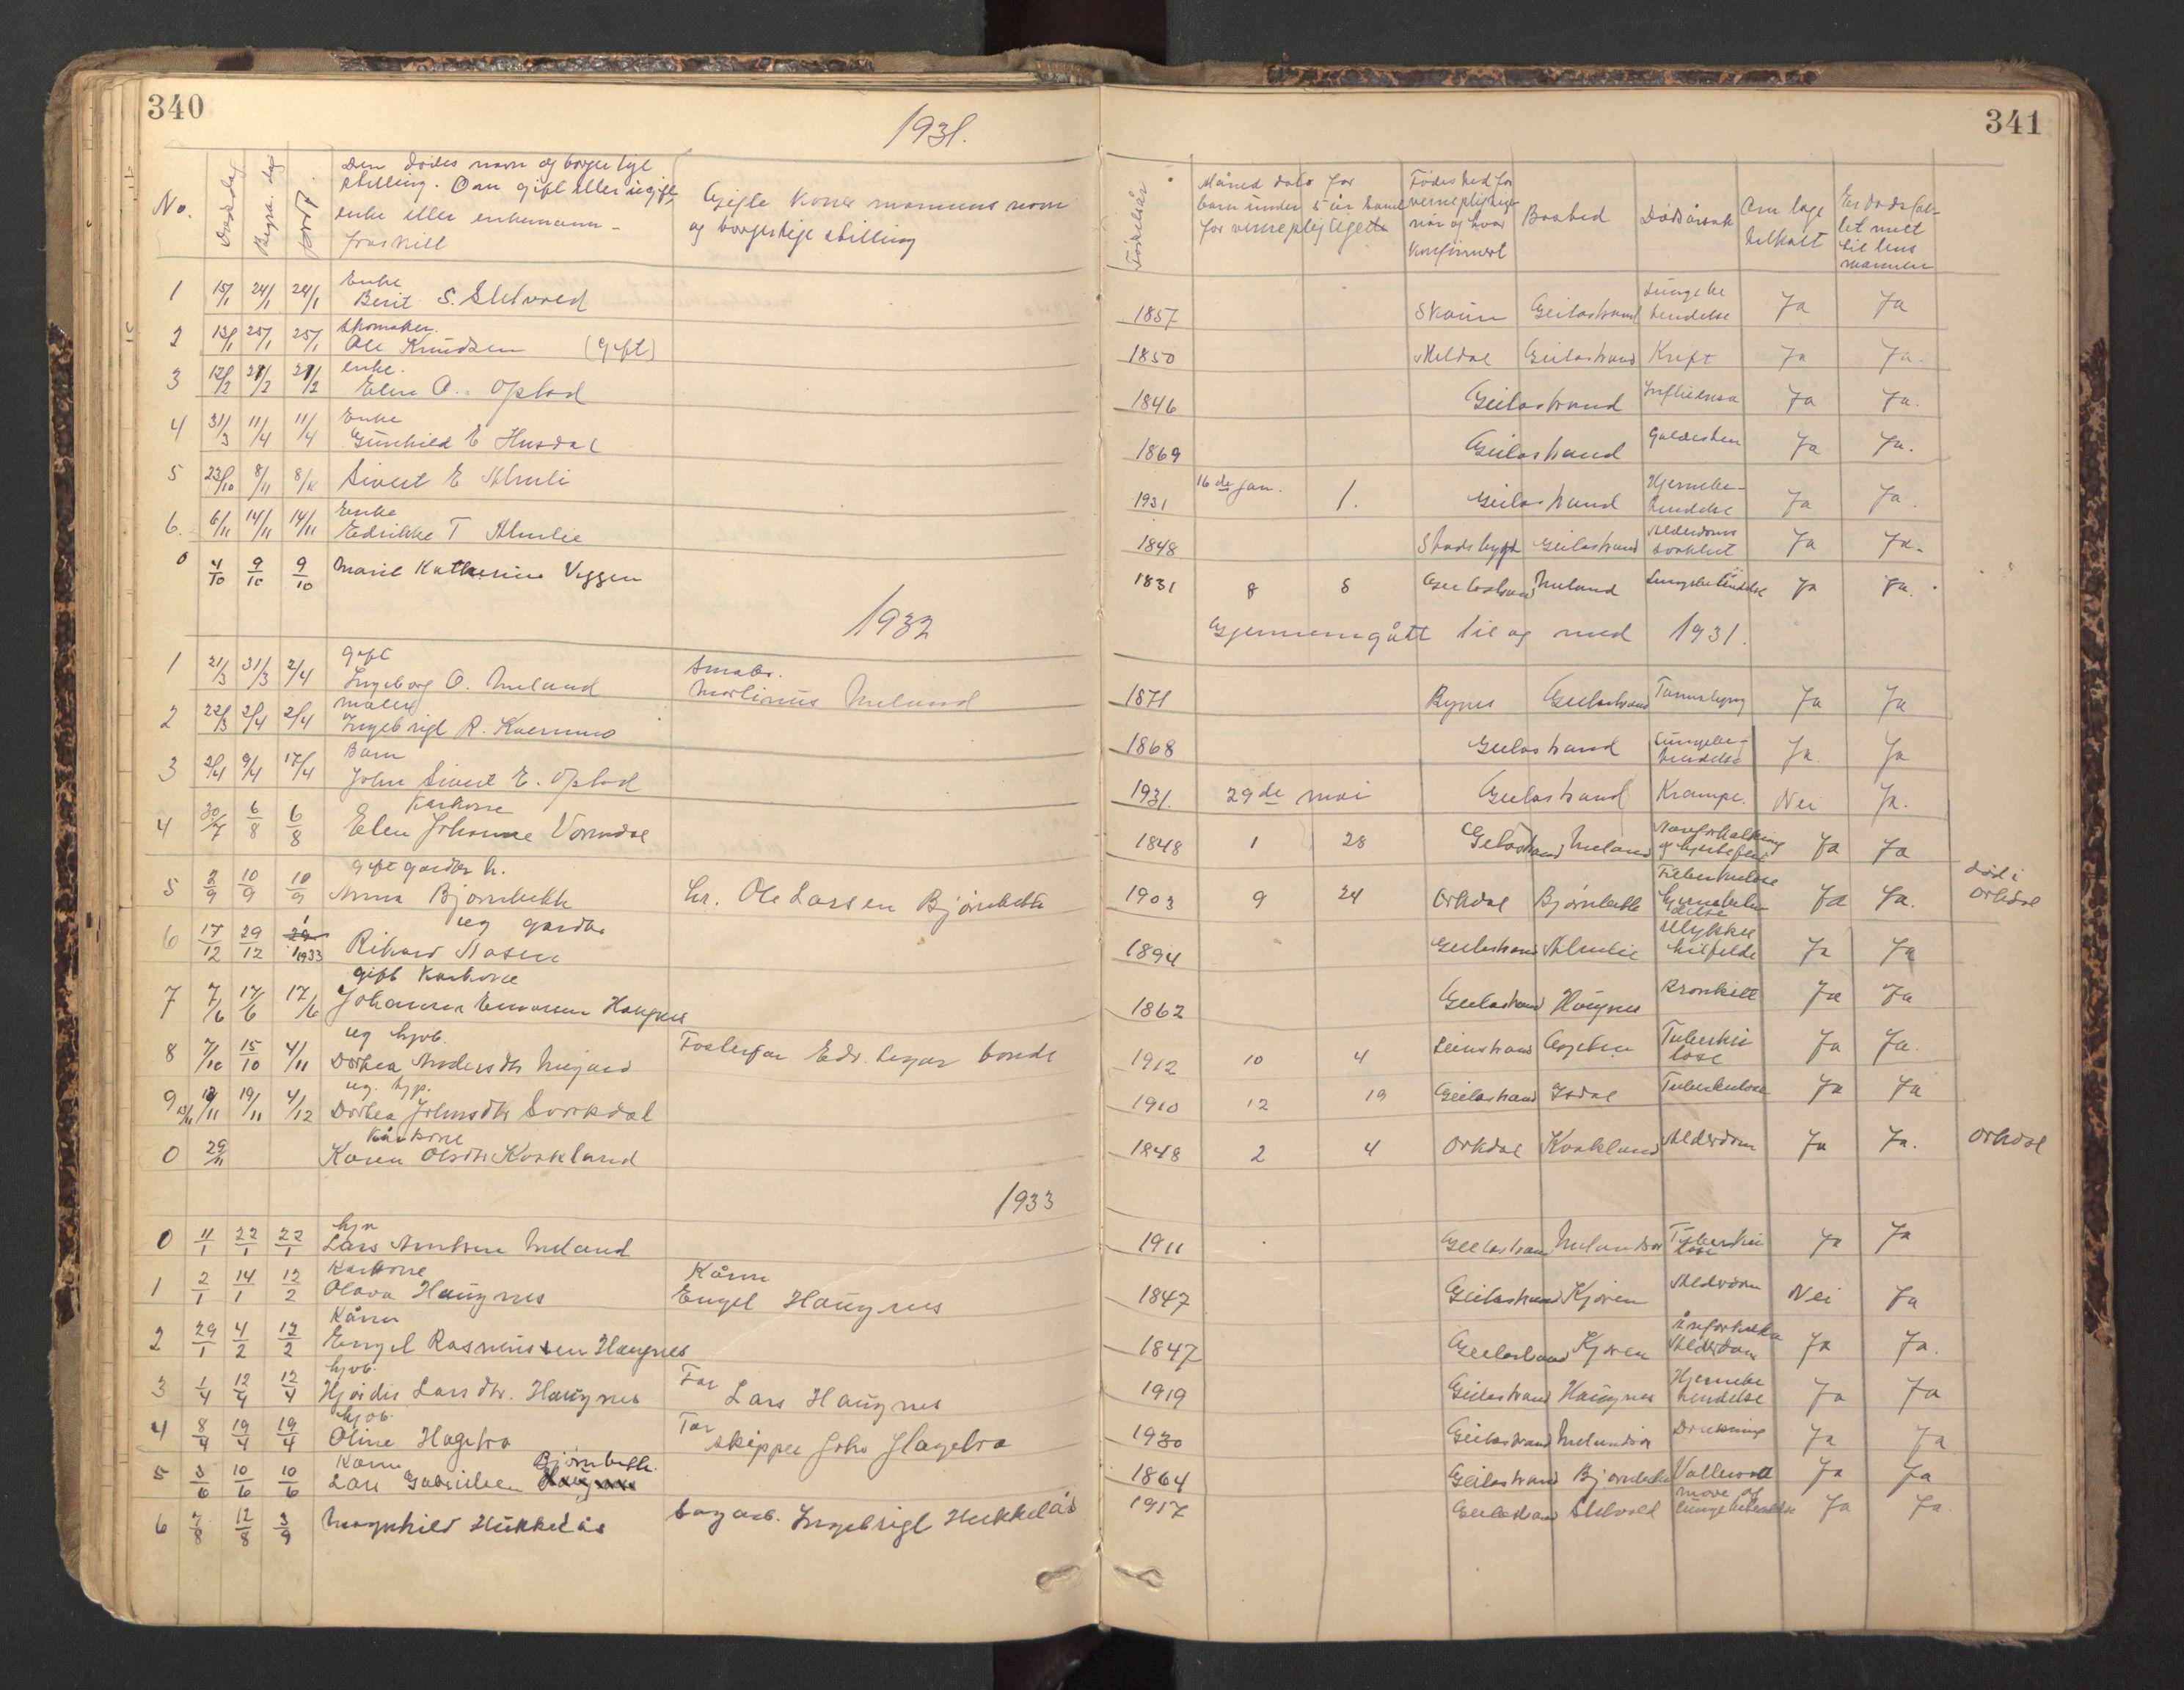 SAT, Ministerialprotokoller, klokkerbøker og fødselsregistre - Sør-Trøndelag, 670/L0837: Klokkerbok nr. 670C01, 1905-1946, s. 340-341